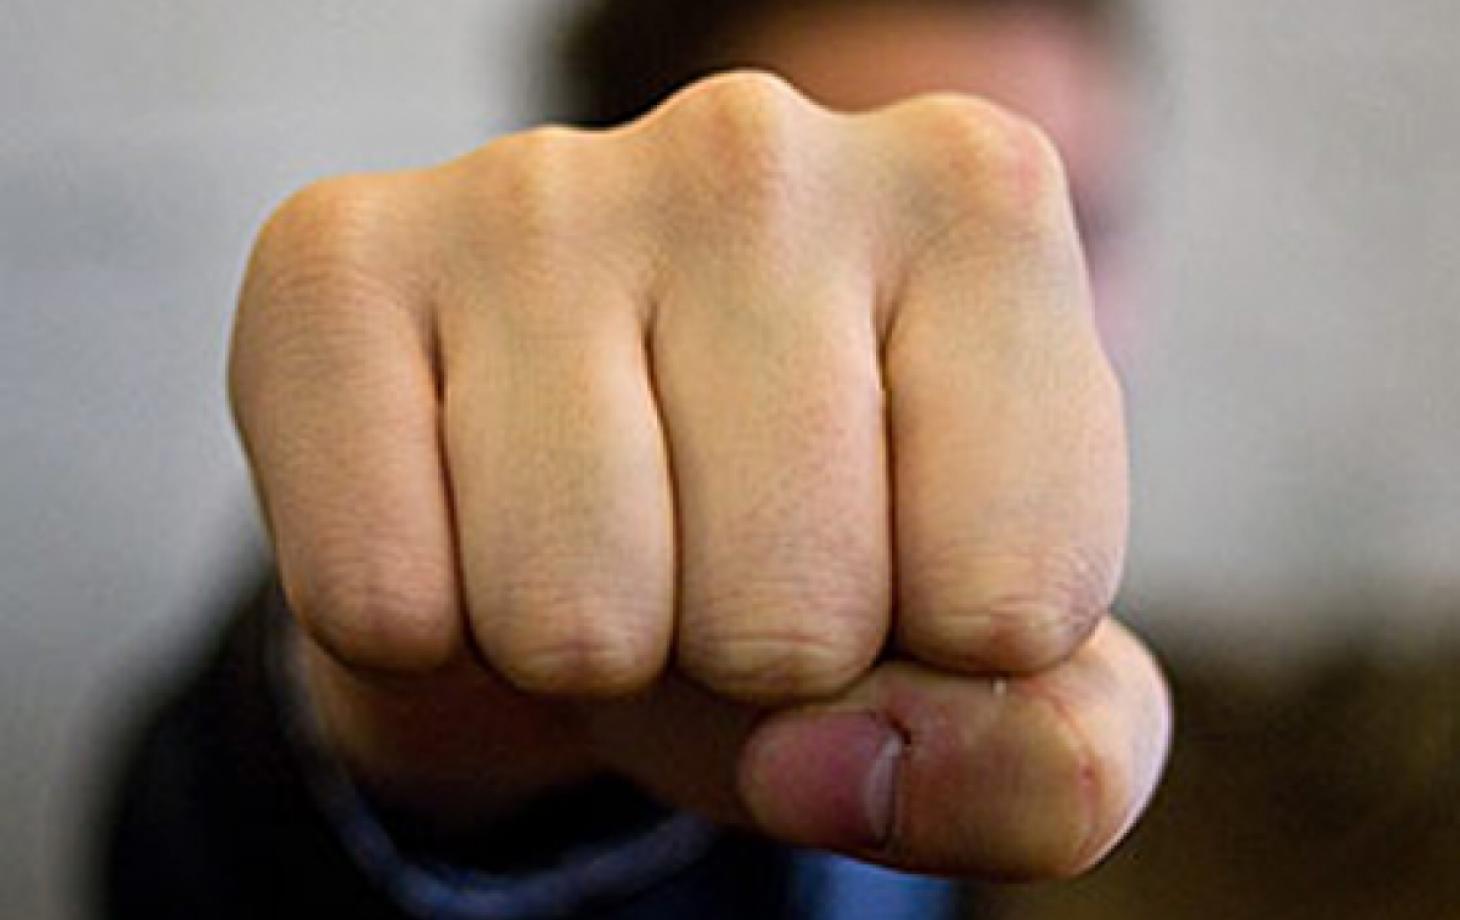 Избили и ограбили: на жителя села Бэлчана напали в Пасхальную ночь